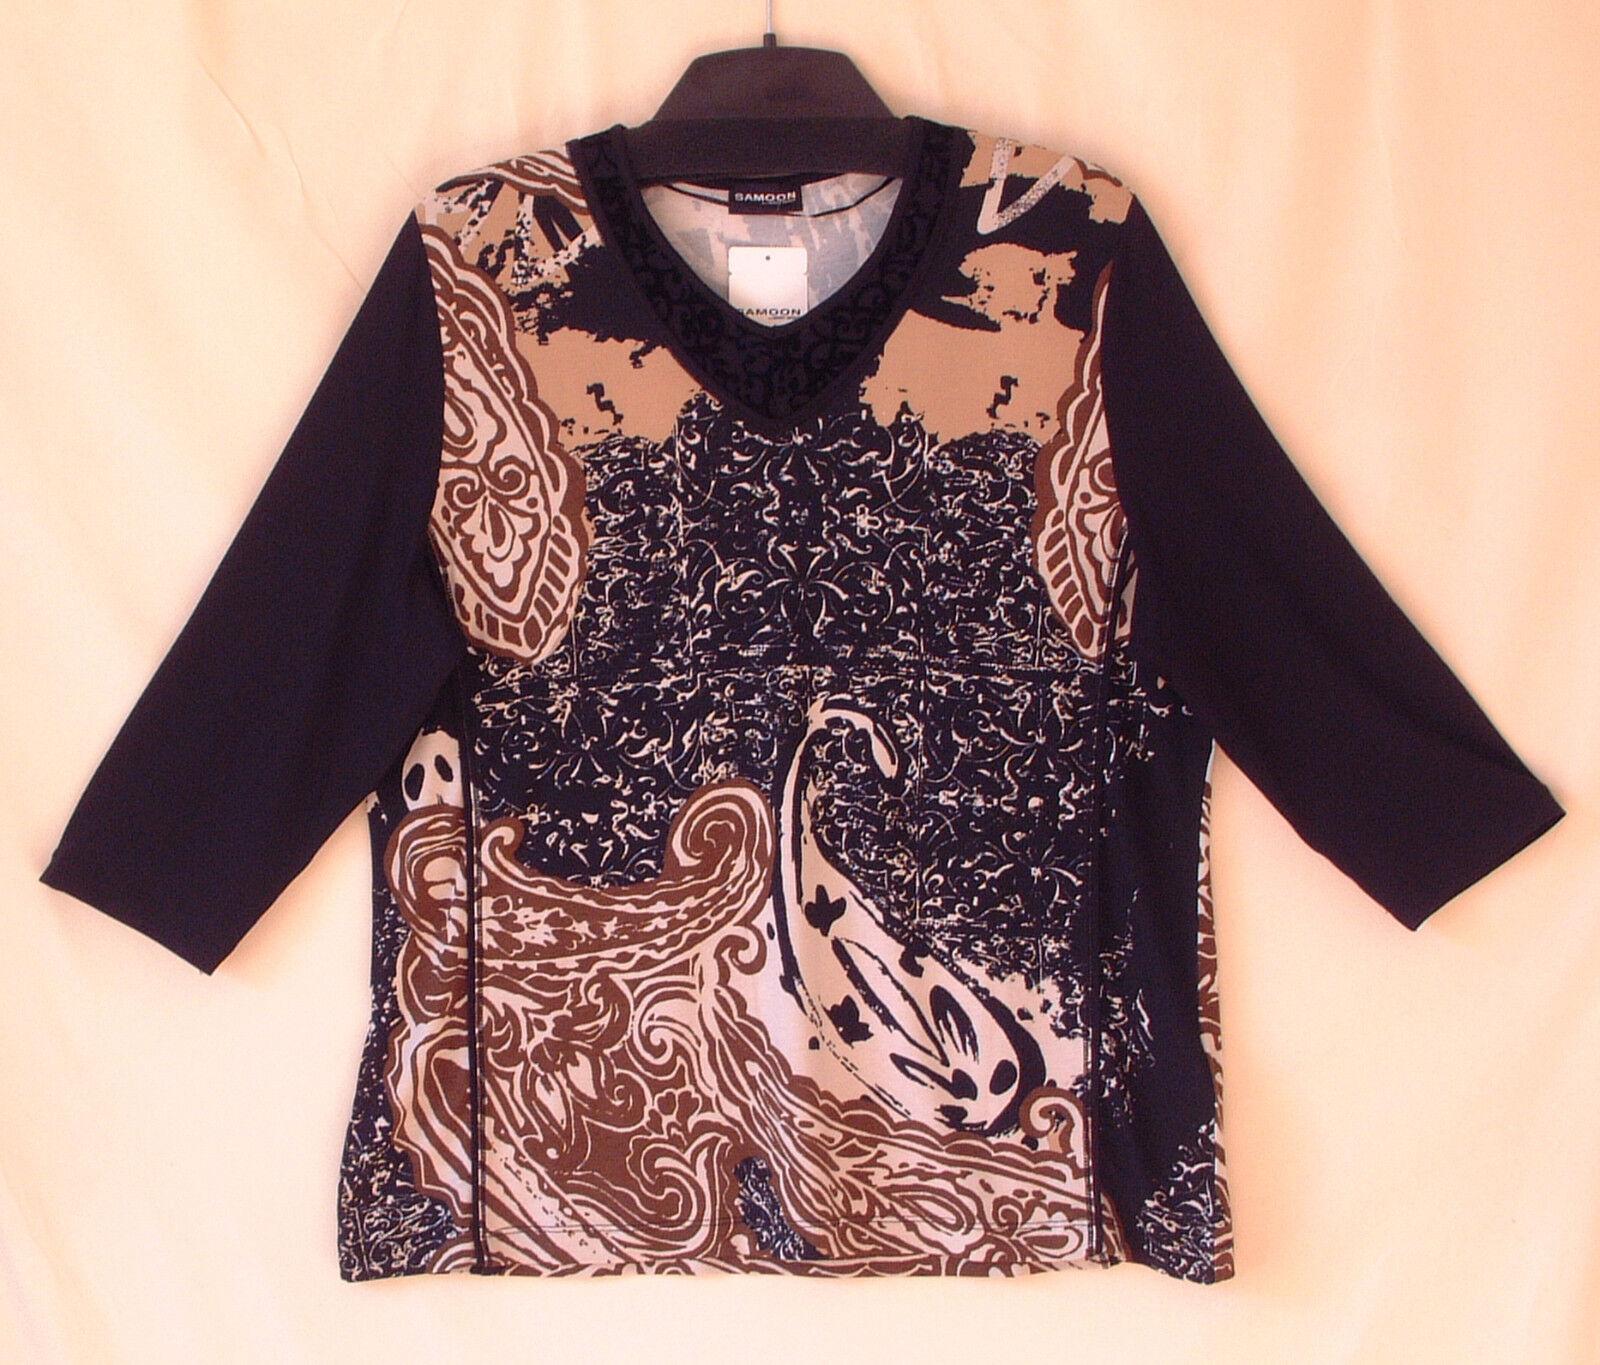 Samoon Shirt by Gerry Weber V-Ausschnitt Viskose Stretch 3 4Arm Neu Damen Gr.